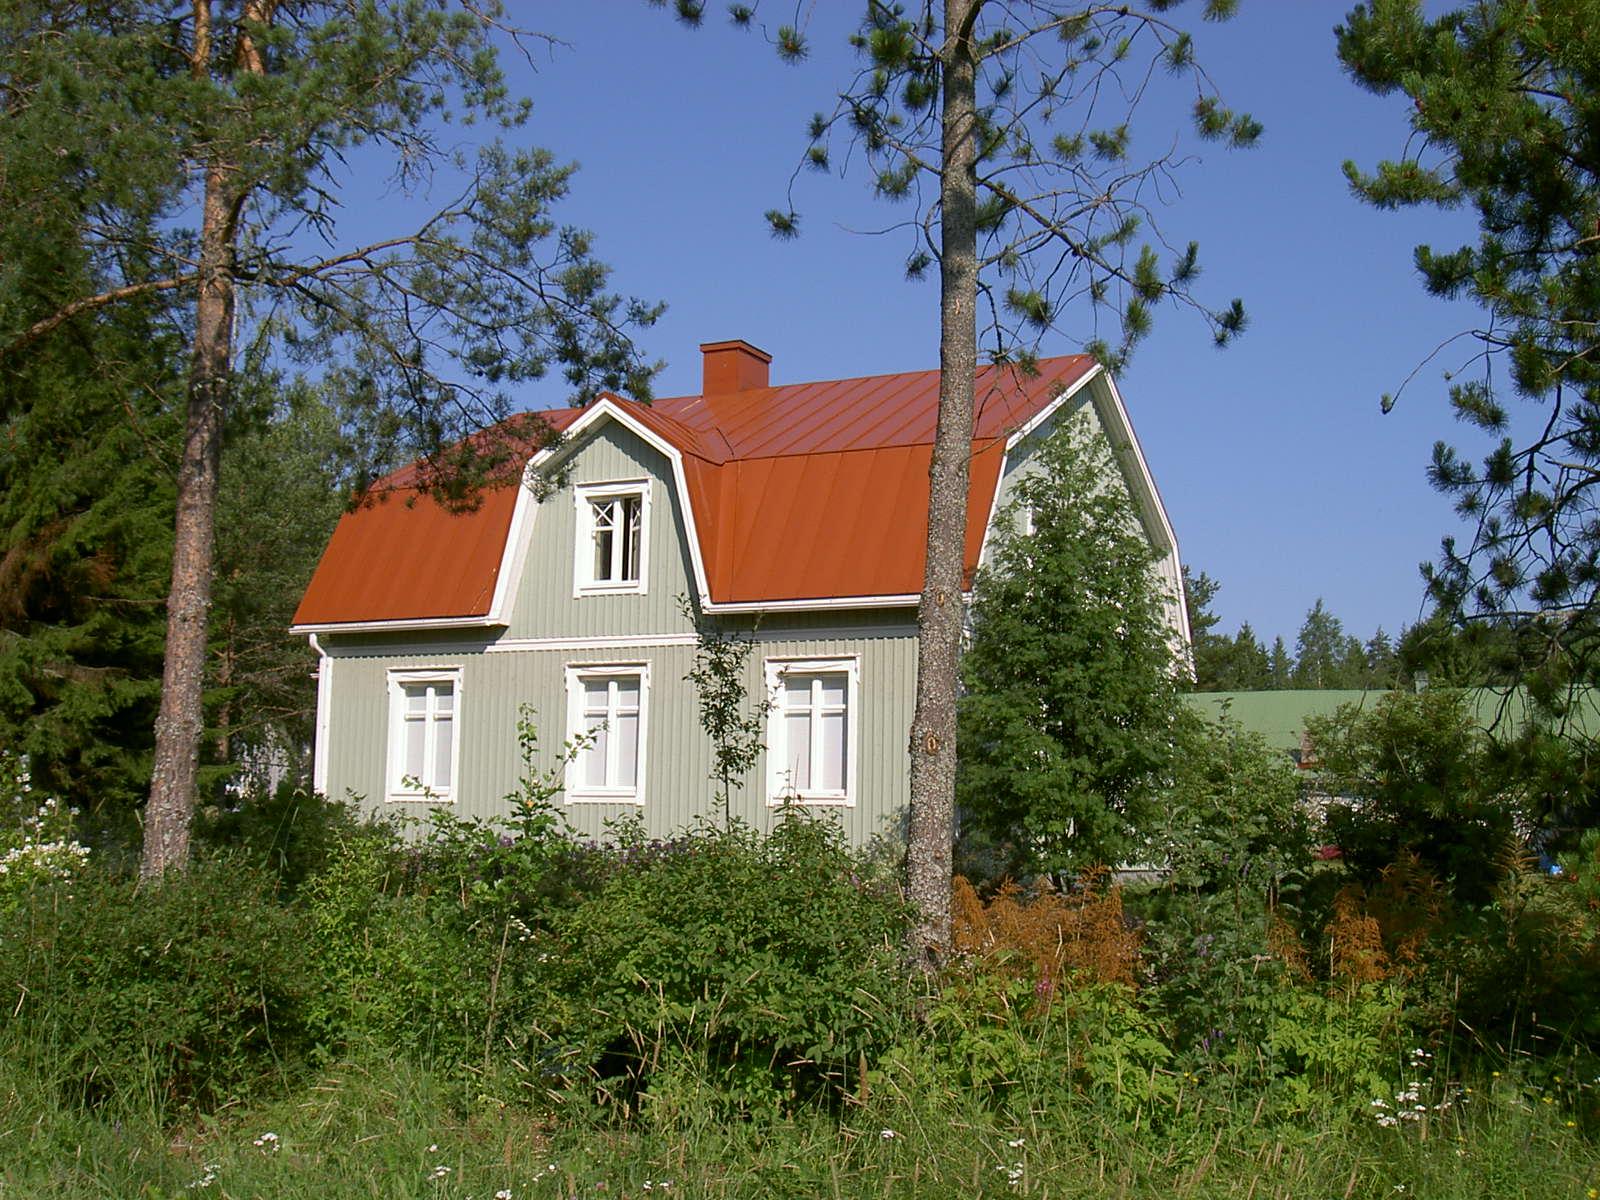 De nuvarande ägarna till Koll-gården har lyckats mycket bra med renoveringen och den smälter bra in i miljön. Bilden från år 2003 är tagen från öster.